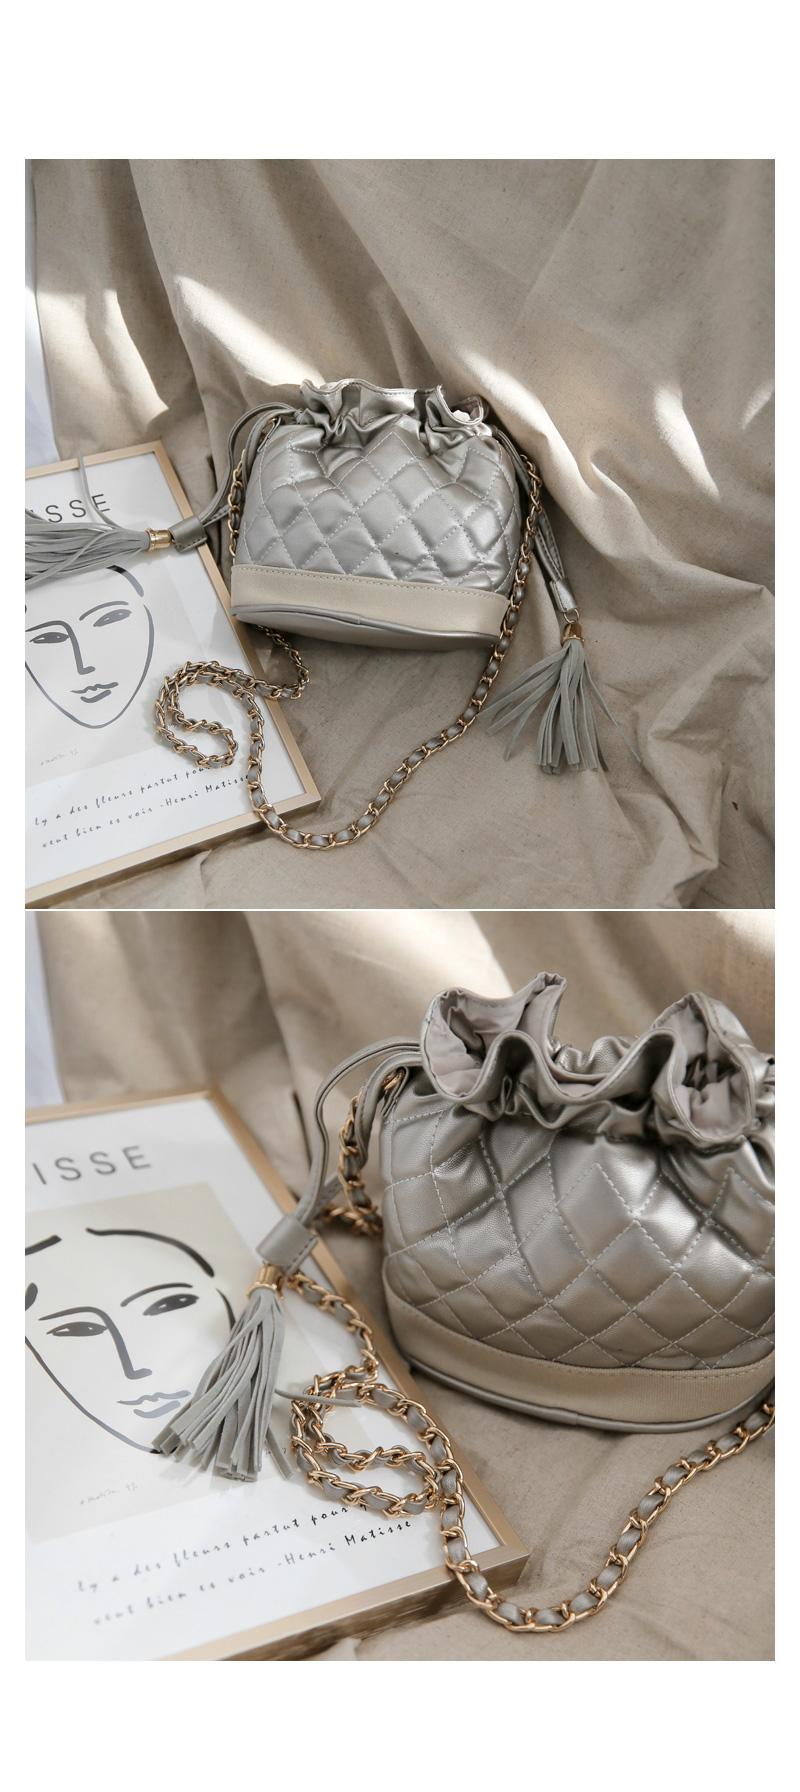 Shark embroidered bag